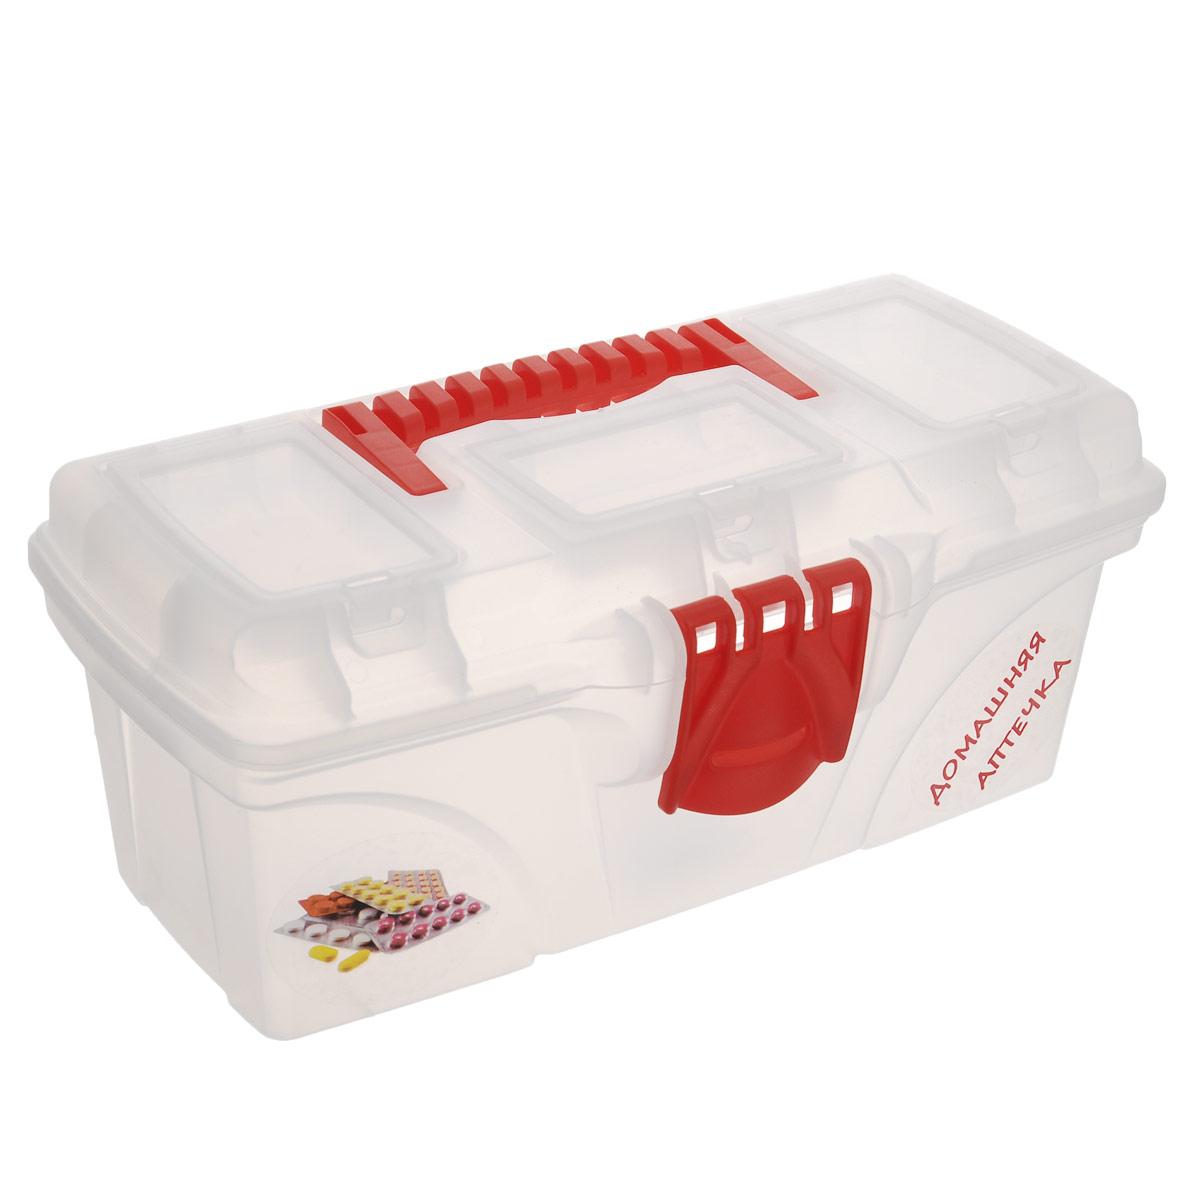 Ящик для лекарств Idea Домашняя аптечка, 32 х 16,5 х 13,5 смPARIS 75015-8C ANTIQUEЯщик Idea Домашняя аптечка изготовлен из прочного пластика и предназначен для хранения и переноски медикаментов. Вместительный, внутри имеет большое главное отделение. Ящик закрывается при помощи защелки, которая не допускают случайного открывания. Крышка ящика оснащена тремя прозрачными органайзерами, которые закрываются на защелку. Для более комфортного переноса в руках, на крышке предусмотрена удобная ручка. Ящик Idea Домашняя аптечка поможет вам хранить все лекарства в одном месте.